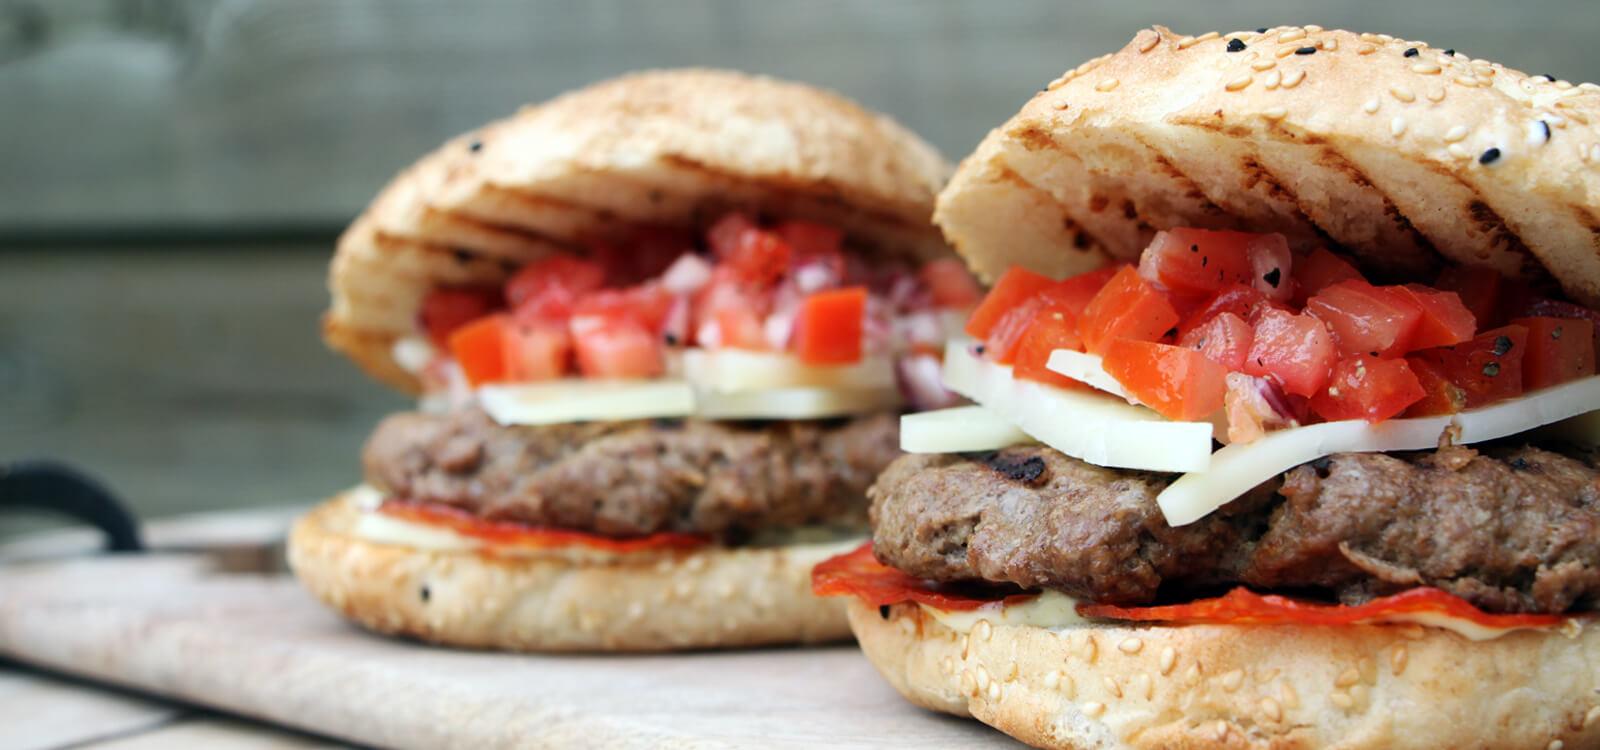 Vrijdag is vanaf nu 'Hamburgerdag'! En met deze Spaanse Burgers van de BBQ kun jij het weekend prima inluiden!